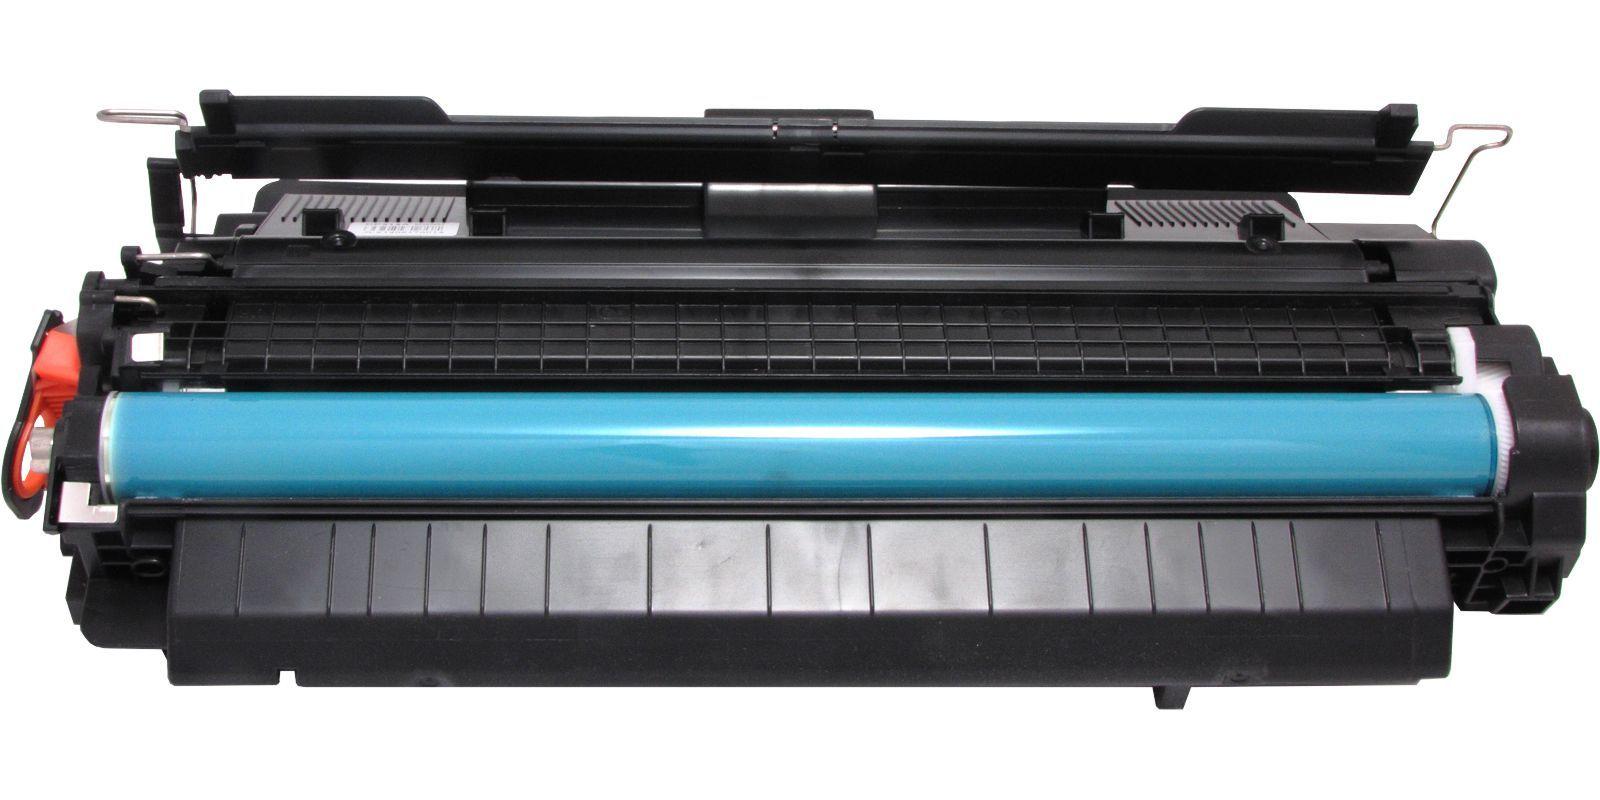 Картриджи для лазерного принтера в картинках